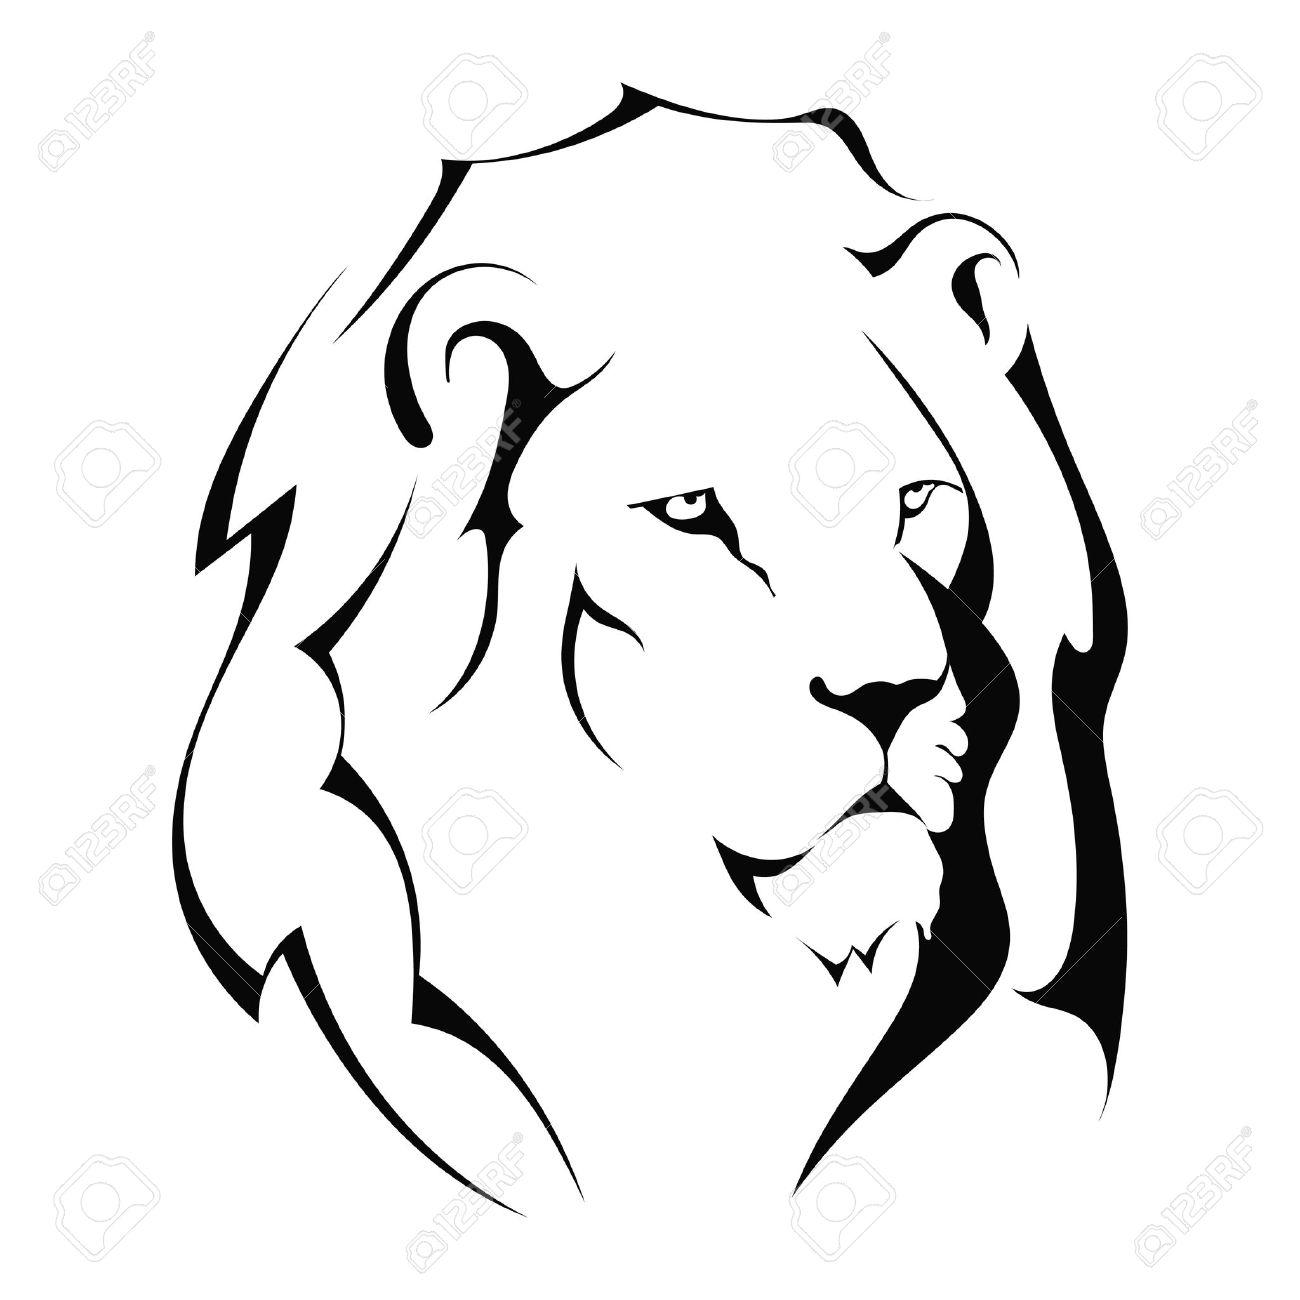 Simple lion head clipart - photo#8